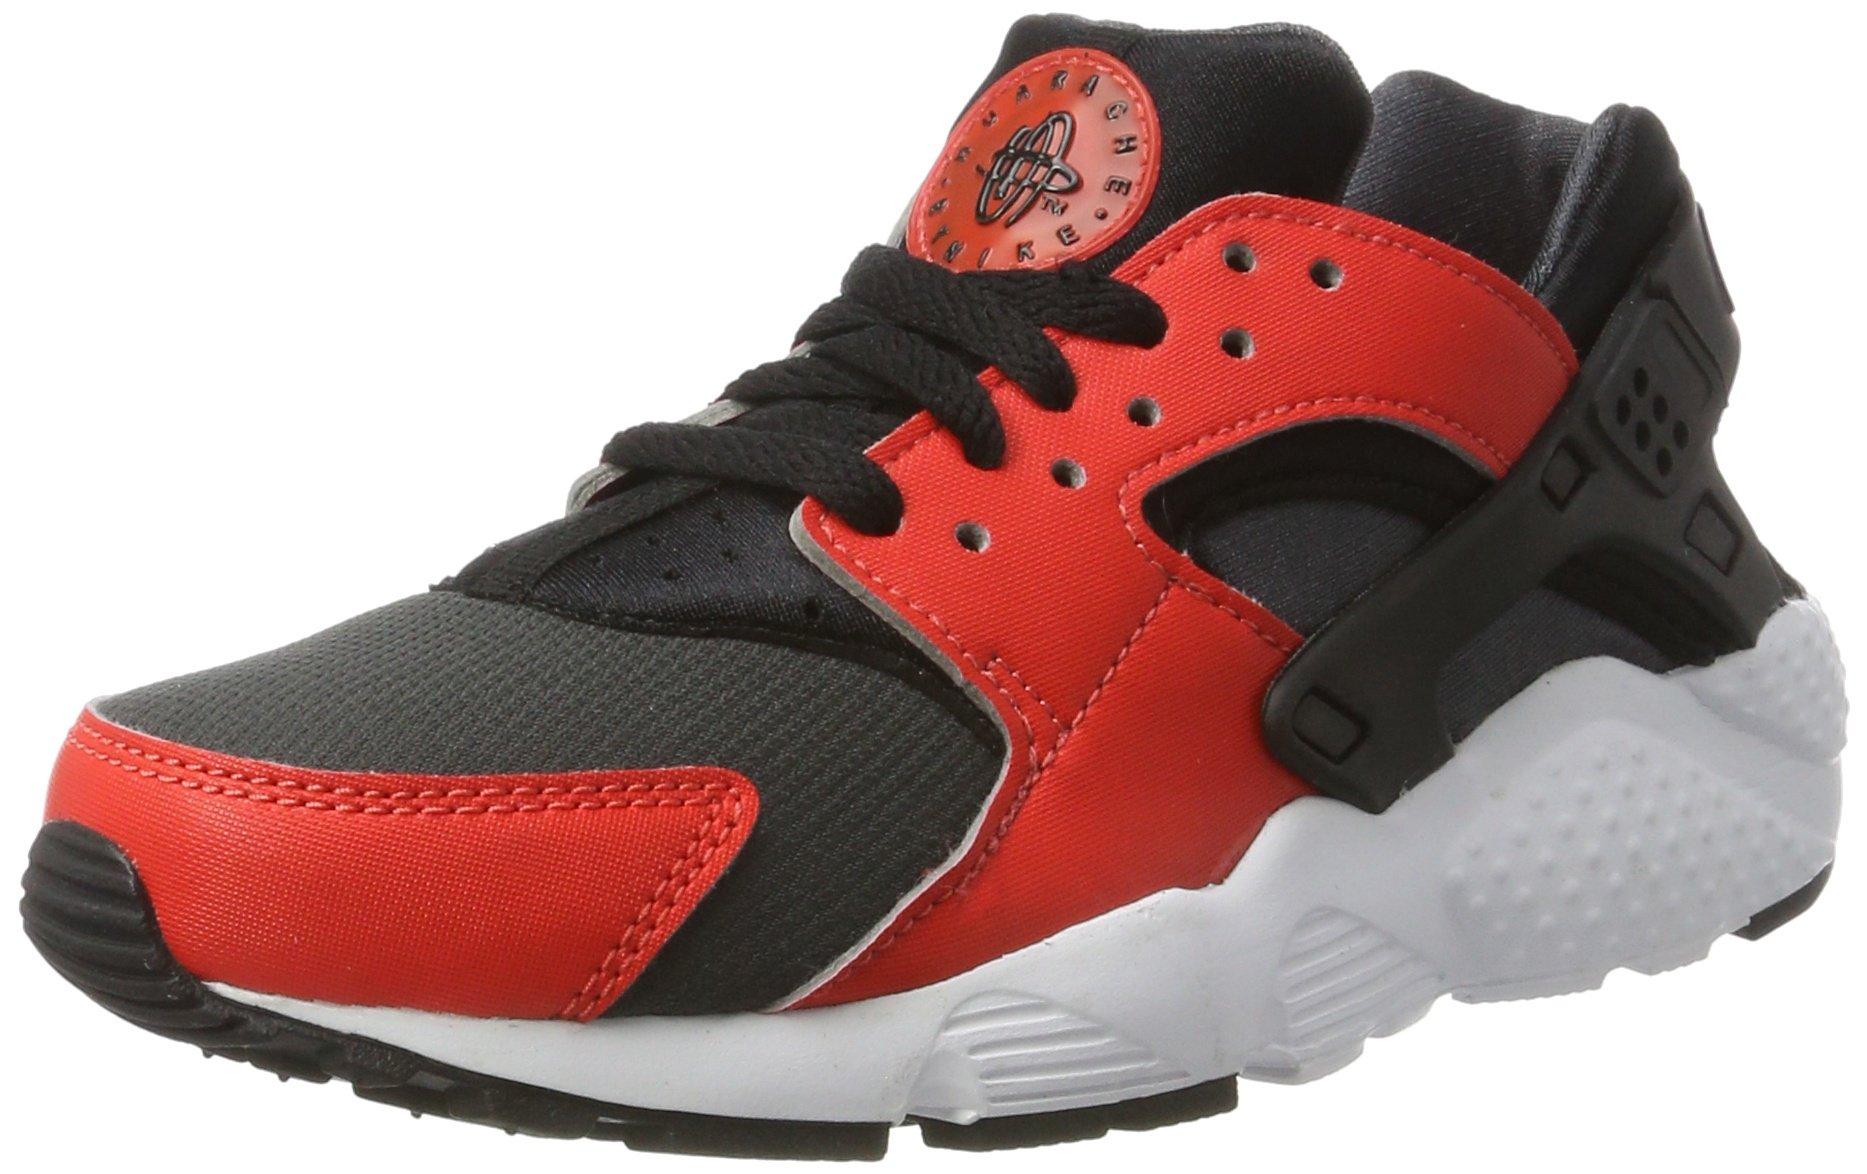 d250d4155a904 Galleon - Nike Huarache Run Gs